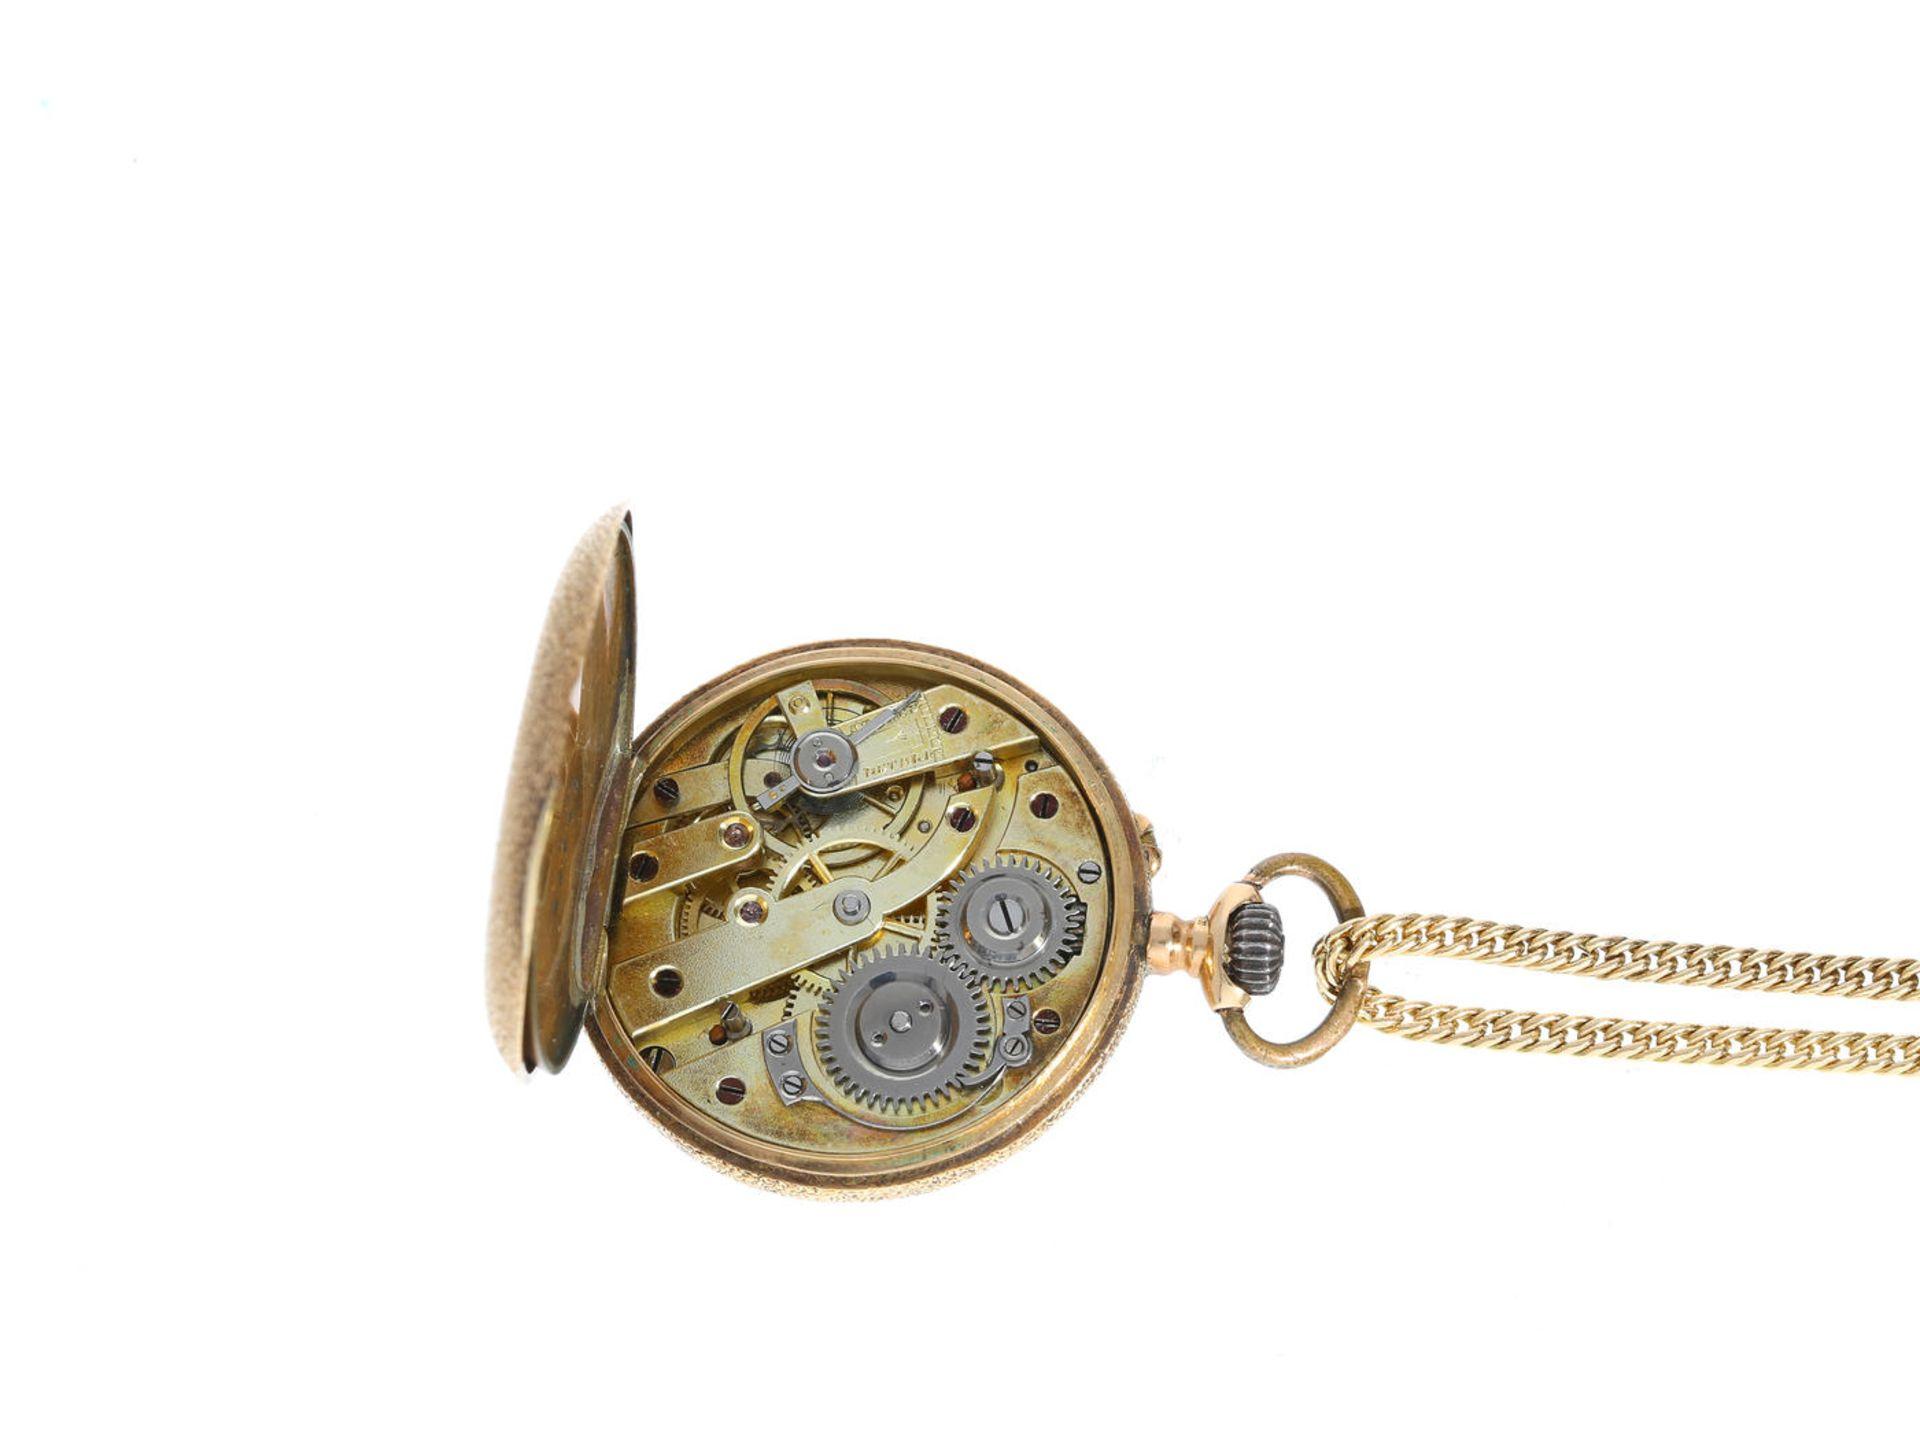 Los 6009 - Taschenuhr/Anhängeuhr: goldene Damenuhr an langer goldener Halskette, um 1900 Kette ca. 80cm lang,